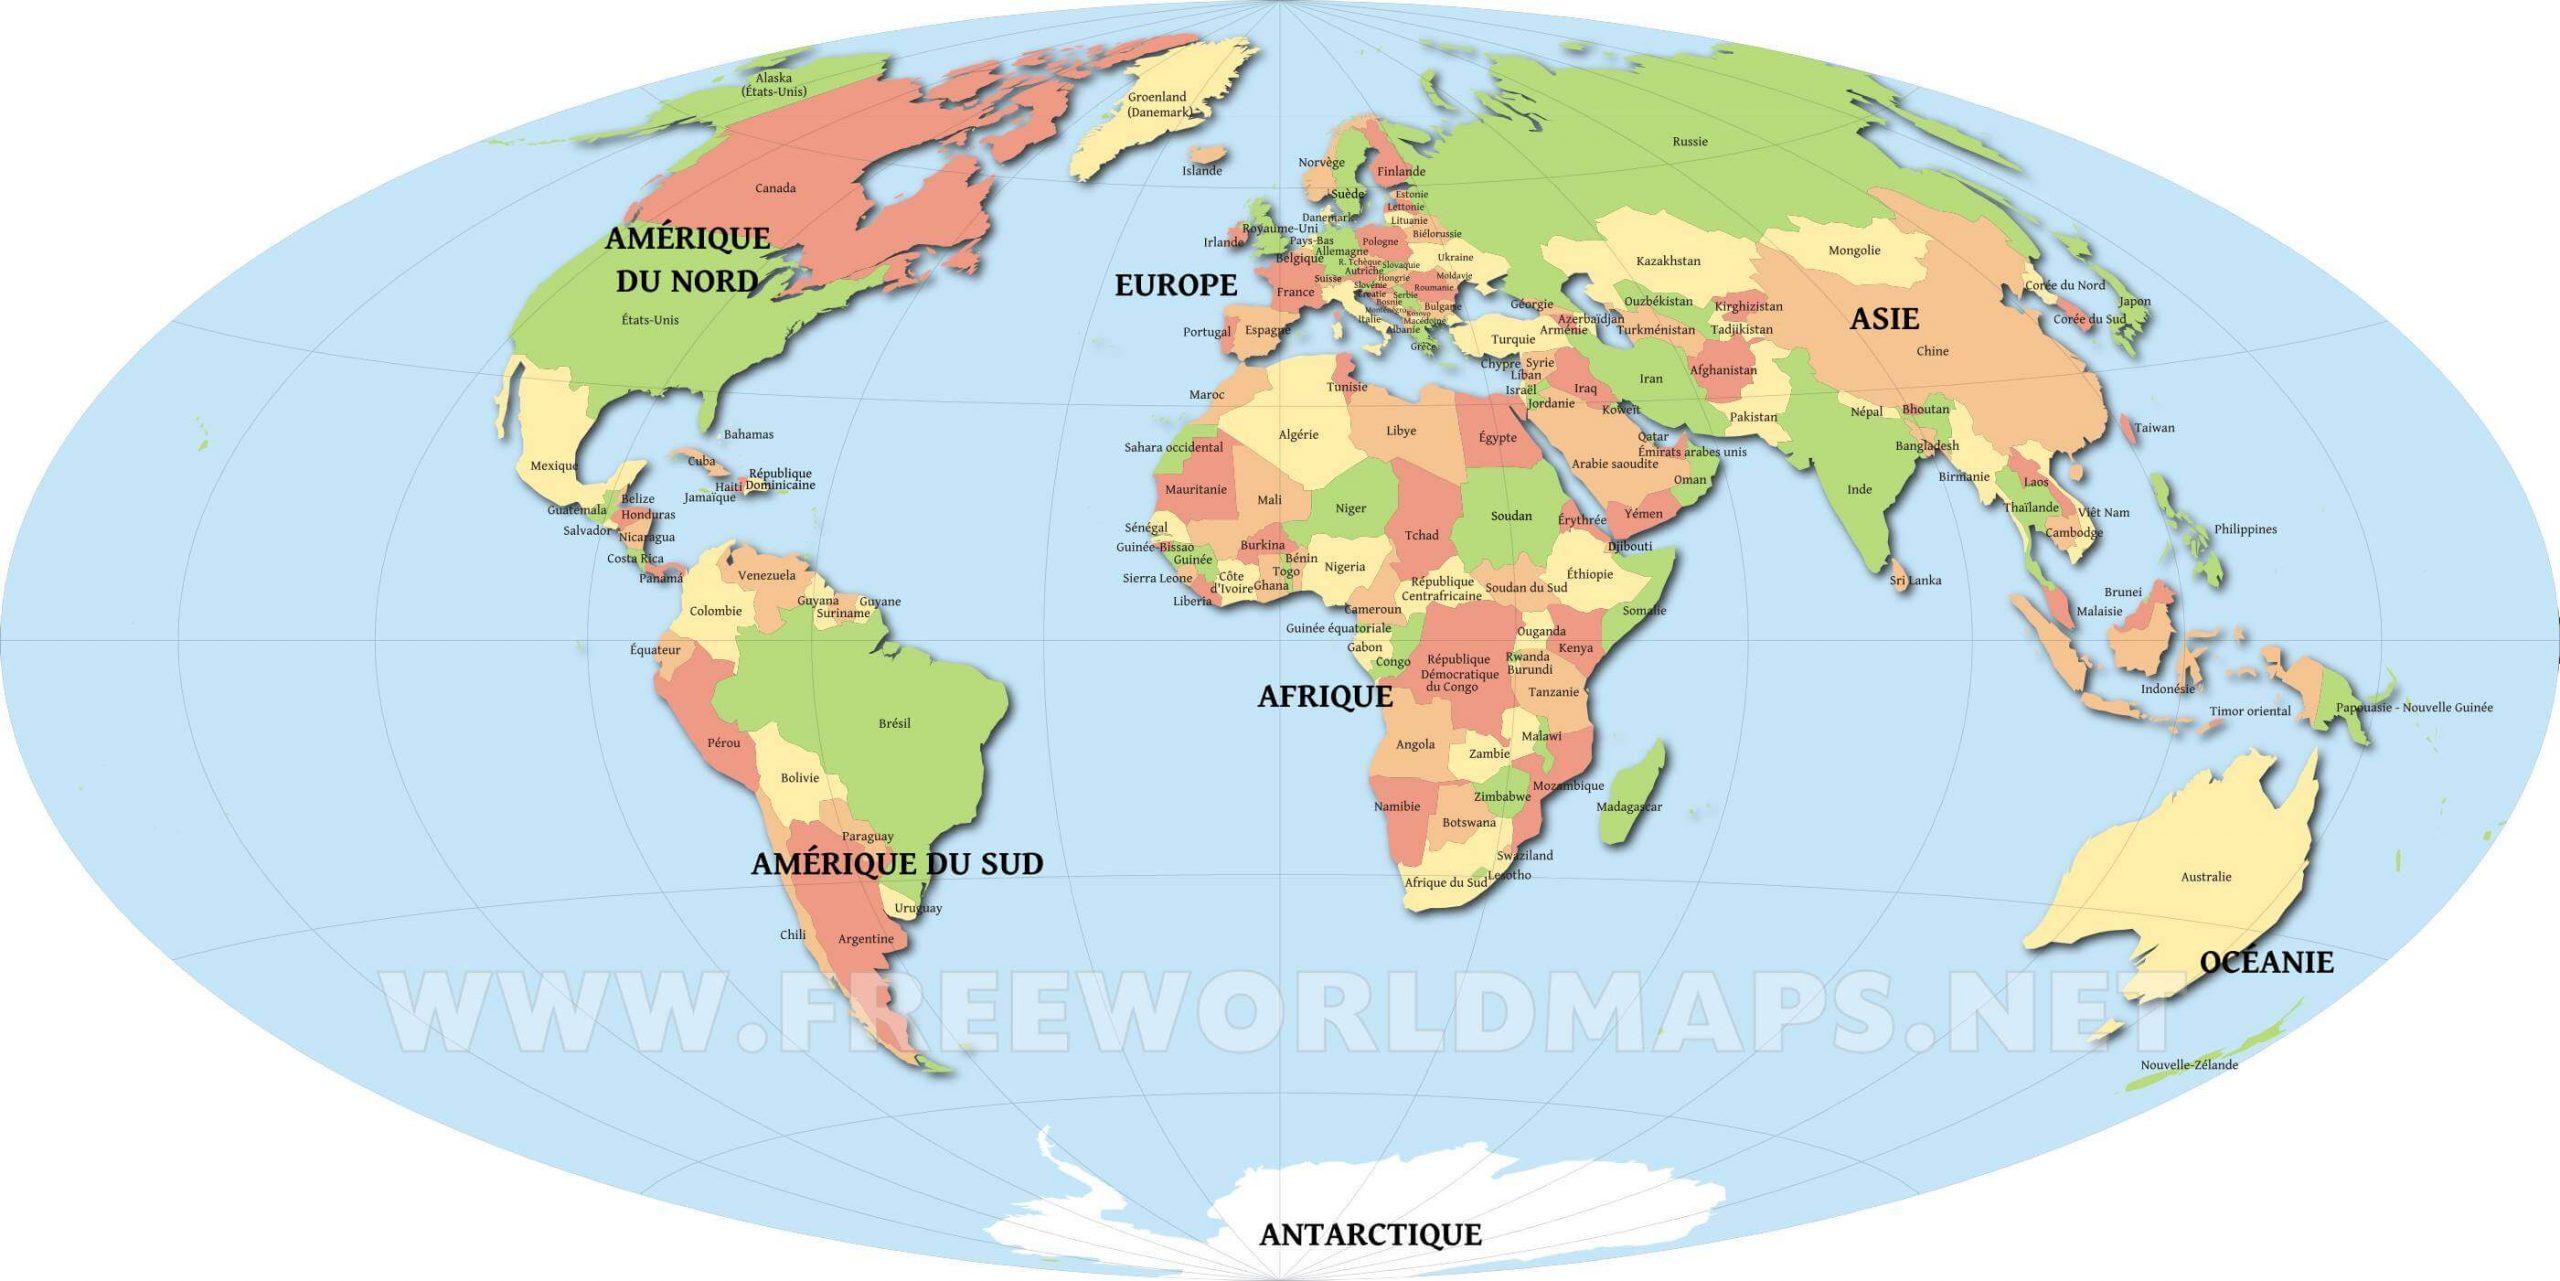 Pays Du Monde - Carte Des Pays Du Monde dedans Tout Les Pays D Europe